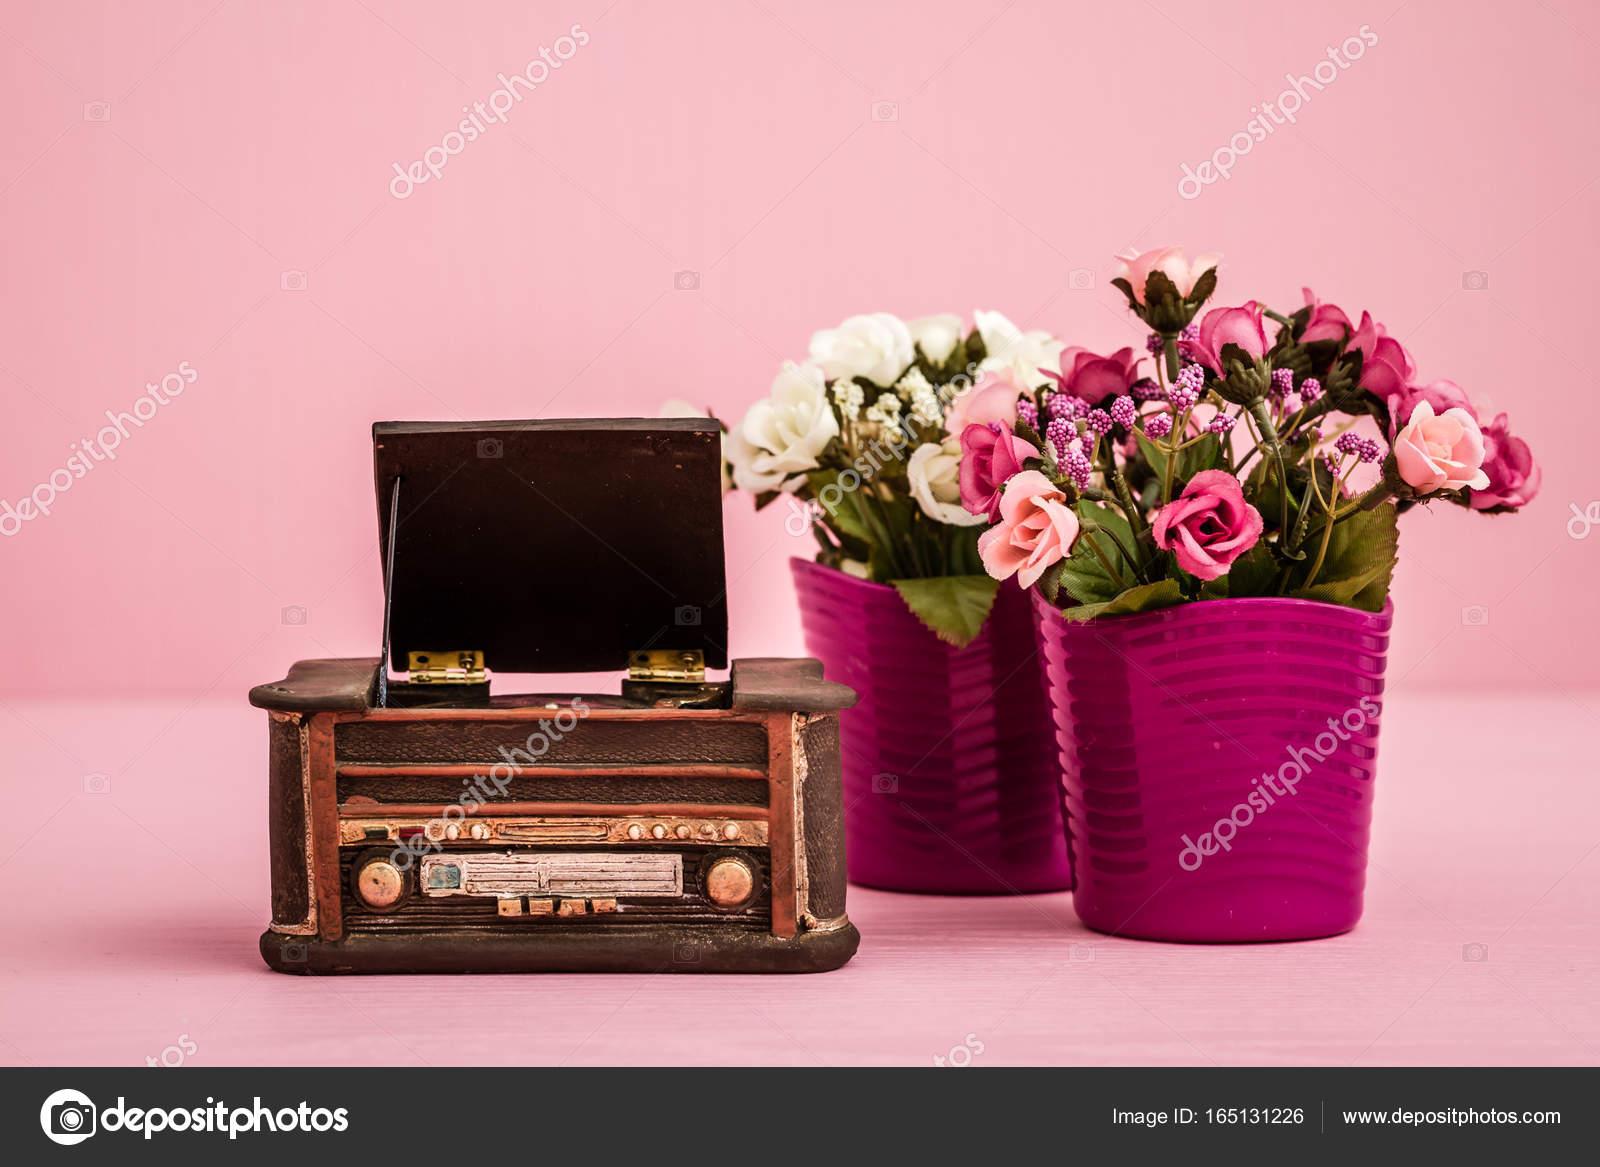 Platenspeler Als Decoratie : Decoratieve retro platenspeler u2014 stockfoto © hskoken #165131226